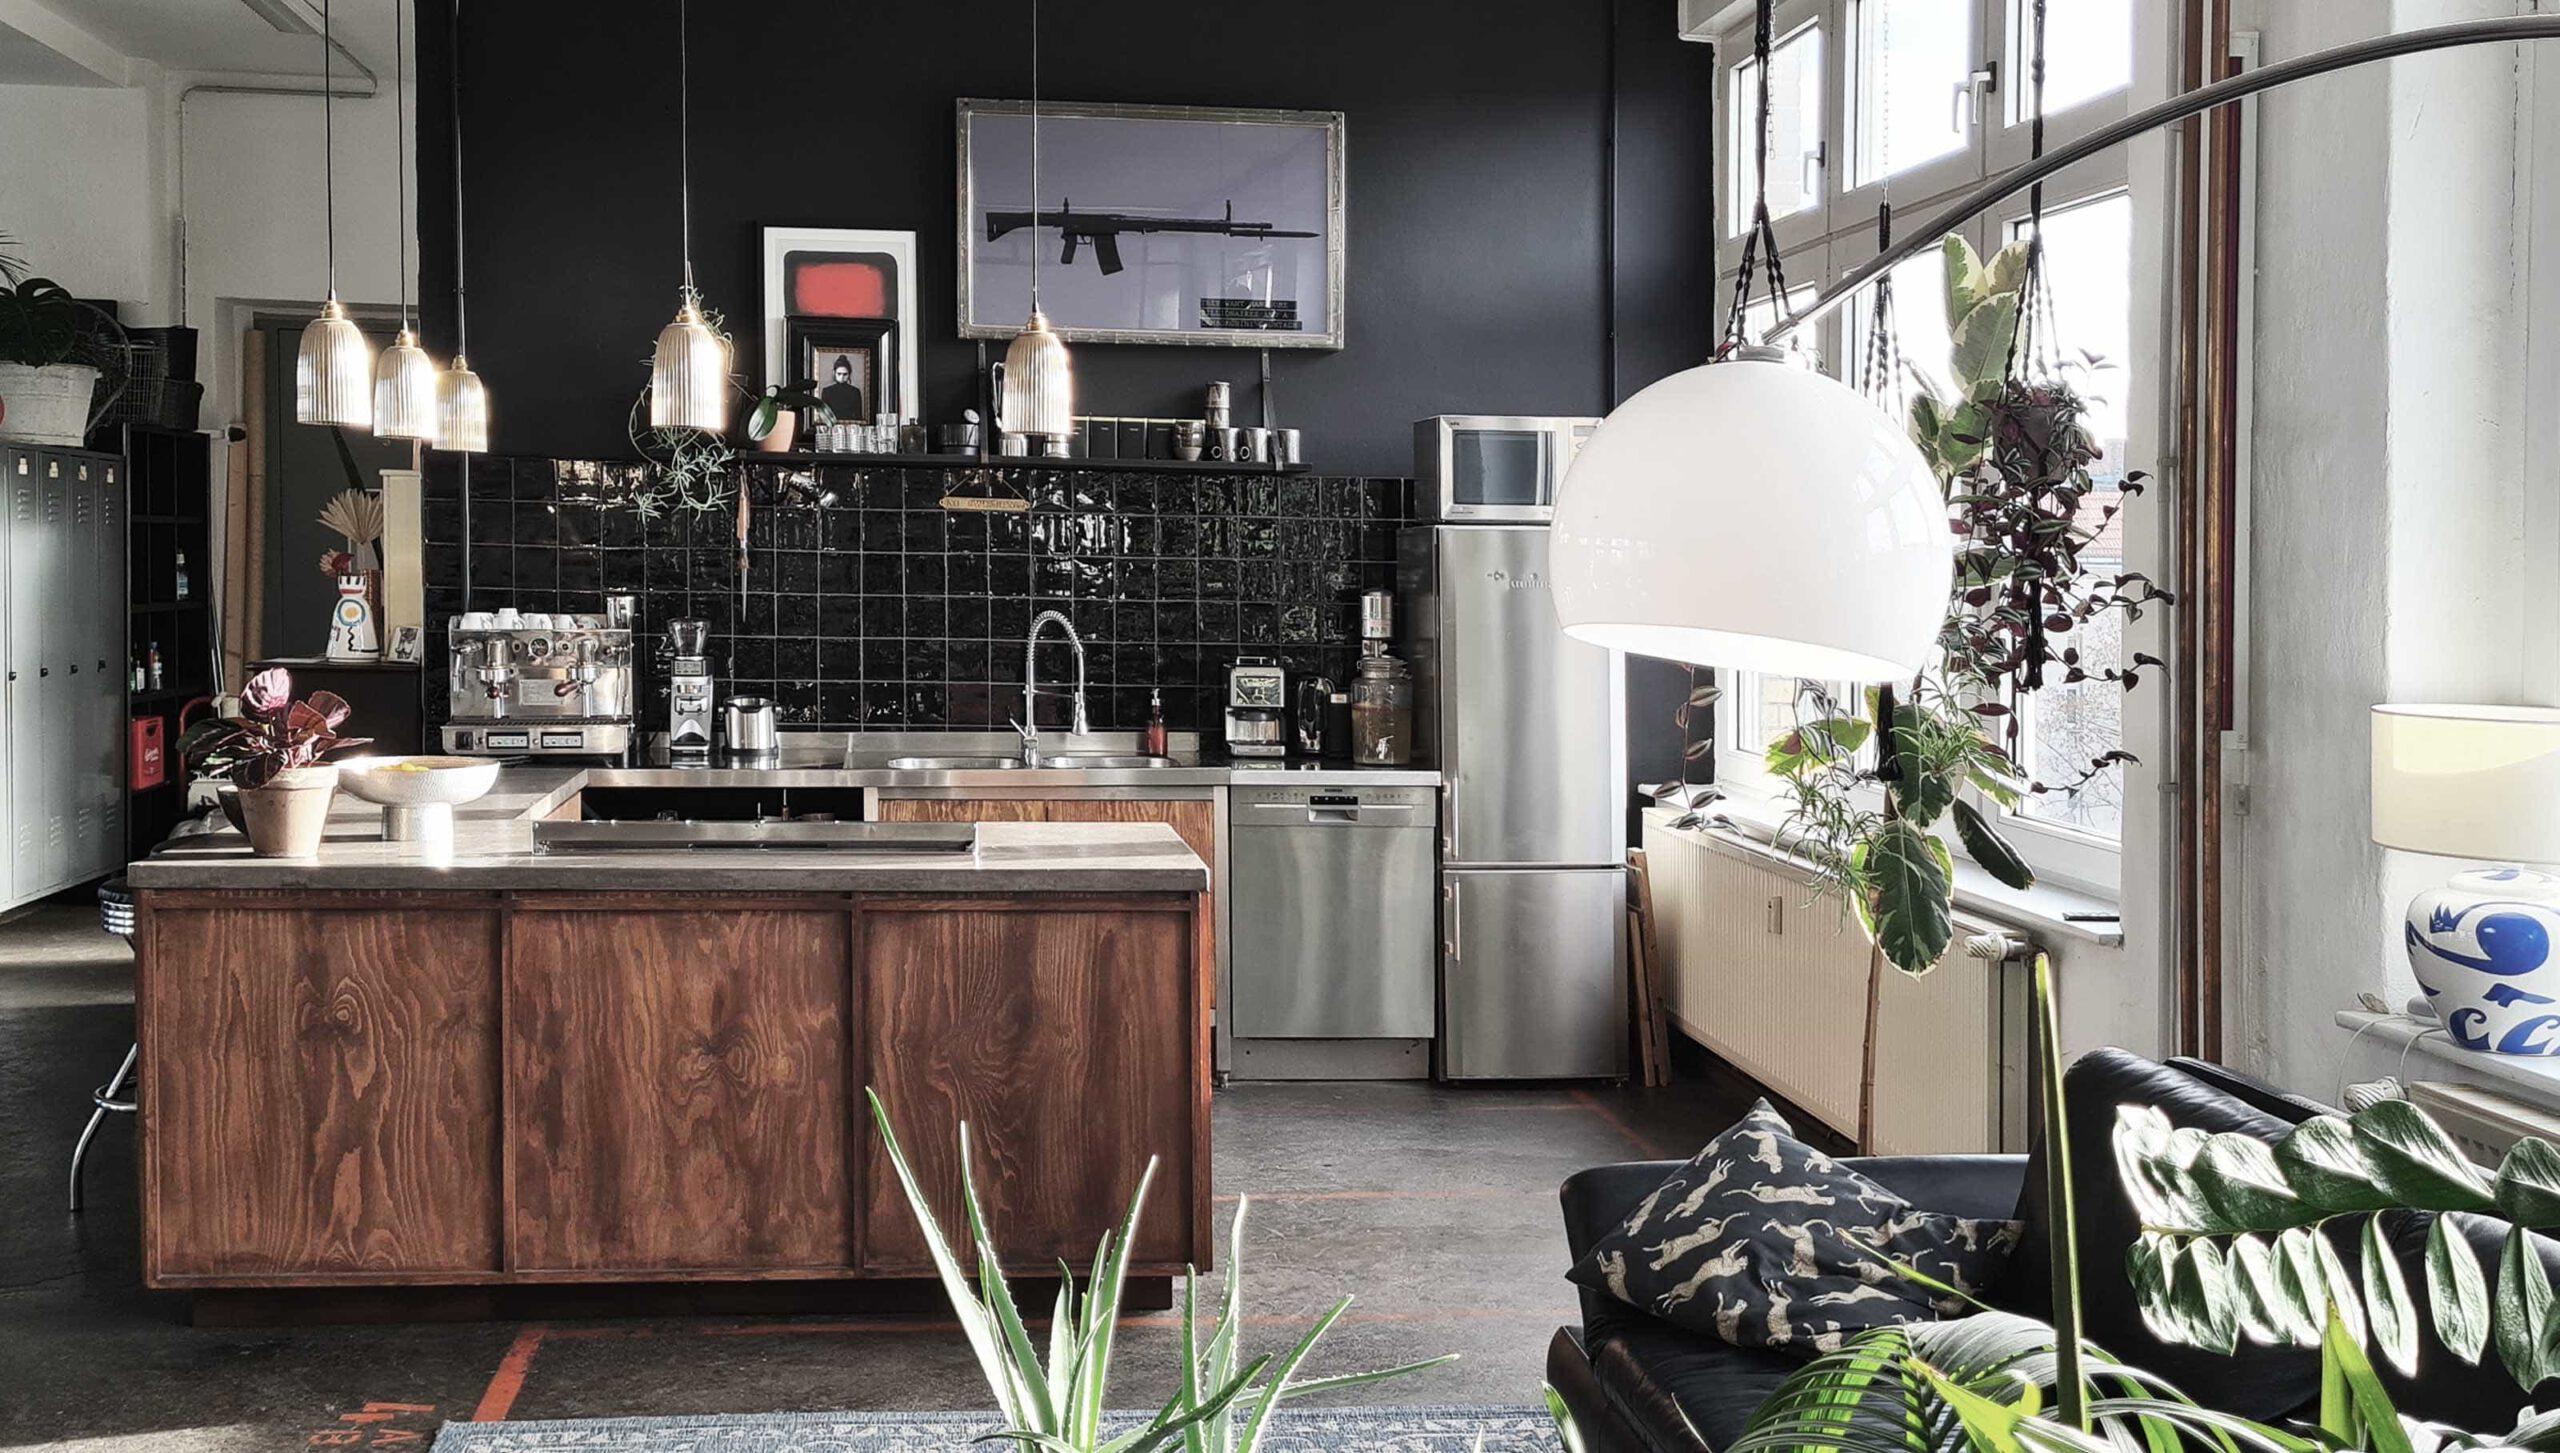 Ikonic Eventlocation und Mietstudio mit Küche